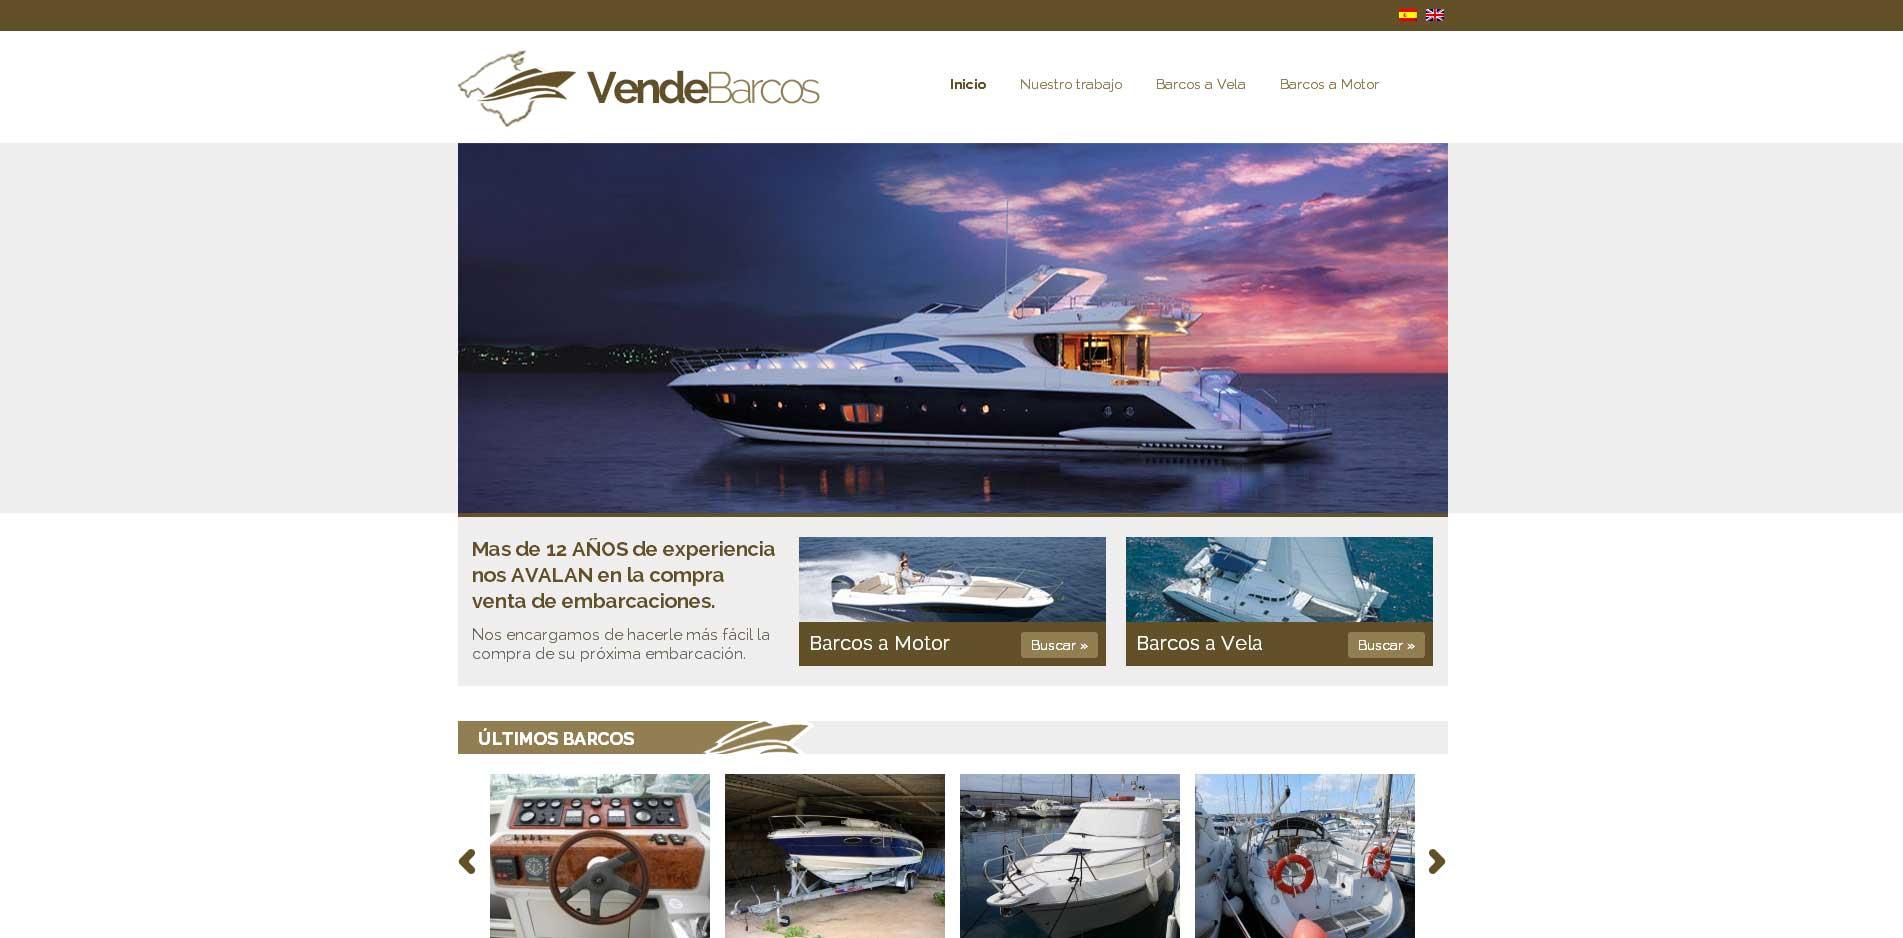 Criação do Site Vende Barcos com WordPress